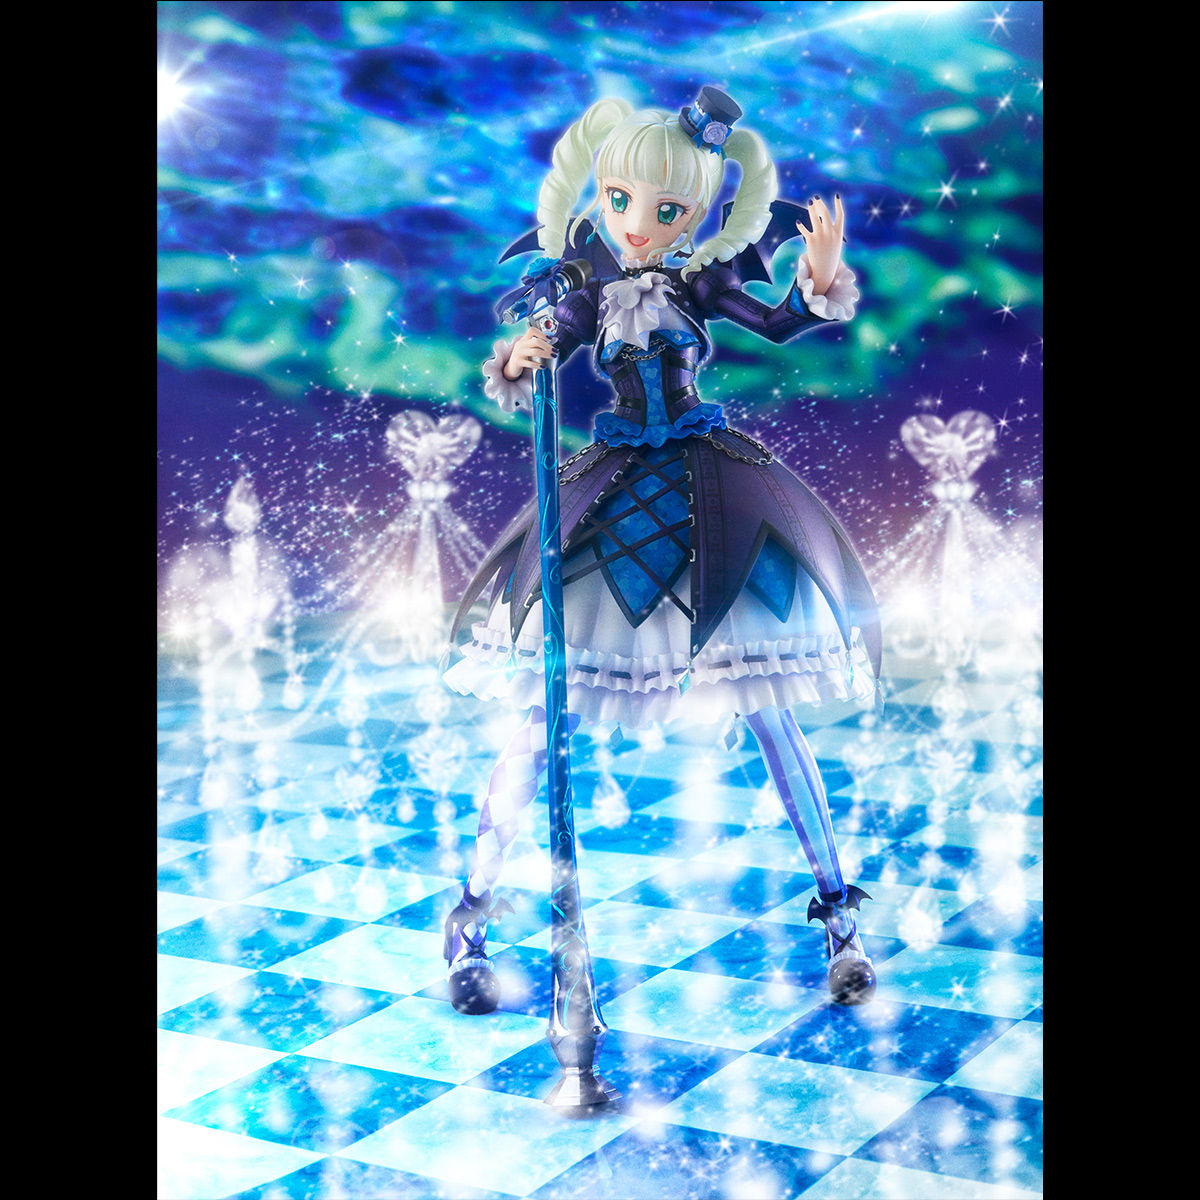 【限定販売】Lucrea/ルクリア『藤堂ユリカ ゴスマジックコーデ』アイカツ!完成品フィギュア-008